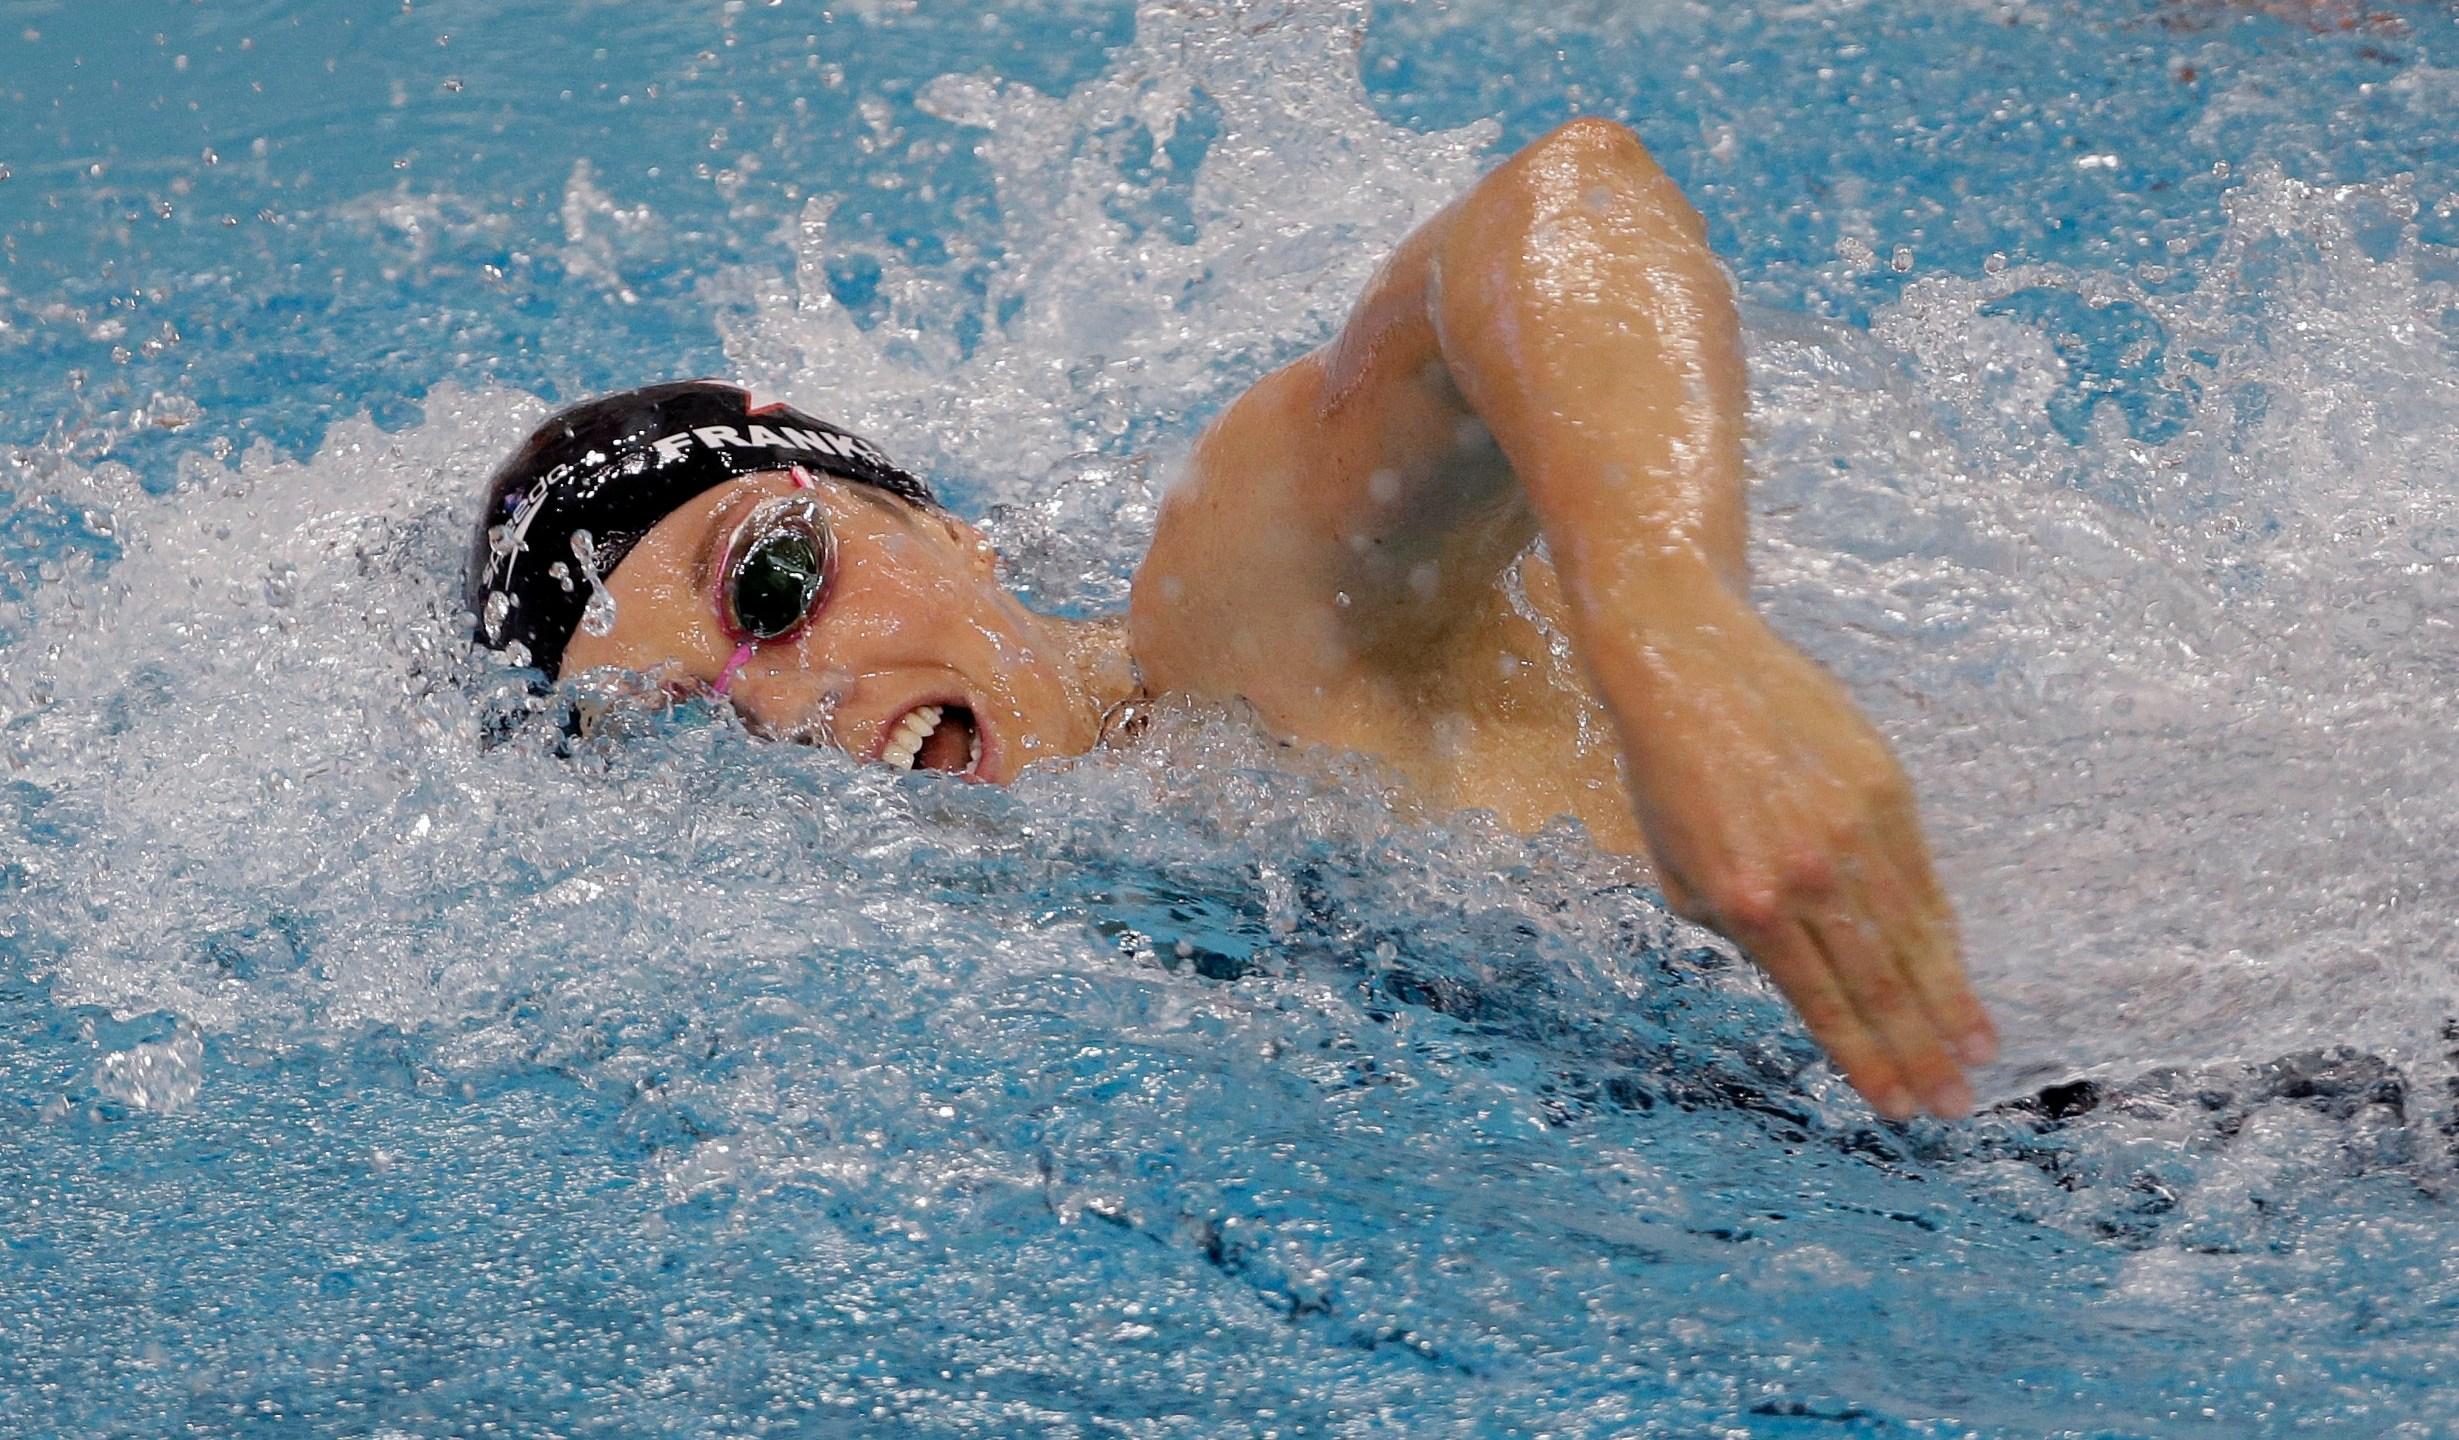 Missy_Franklin_Swimming_95383-159532.jpg41713318